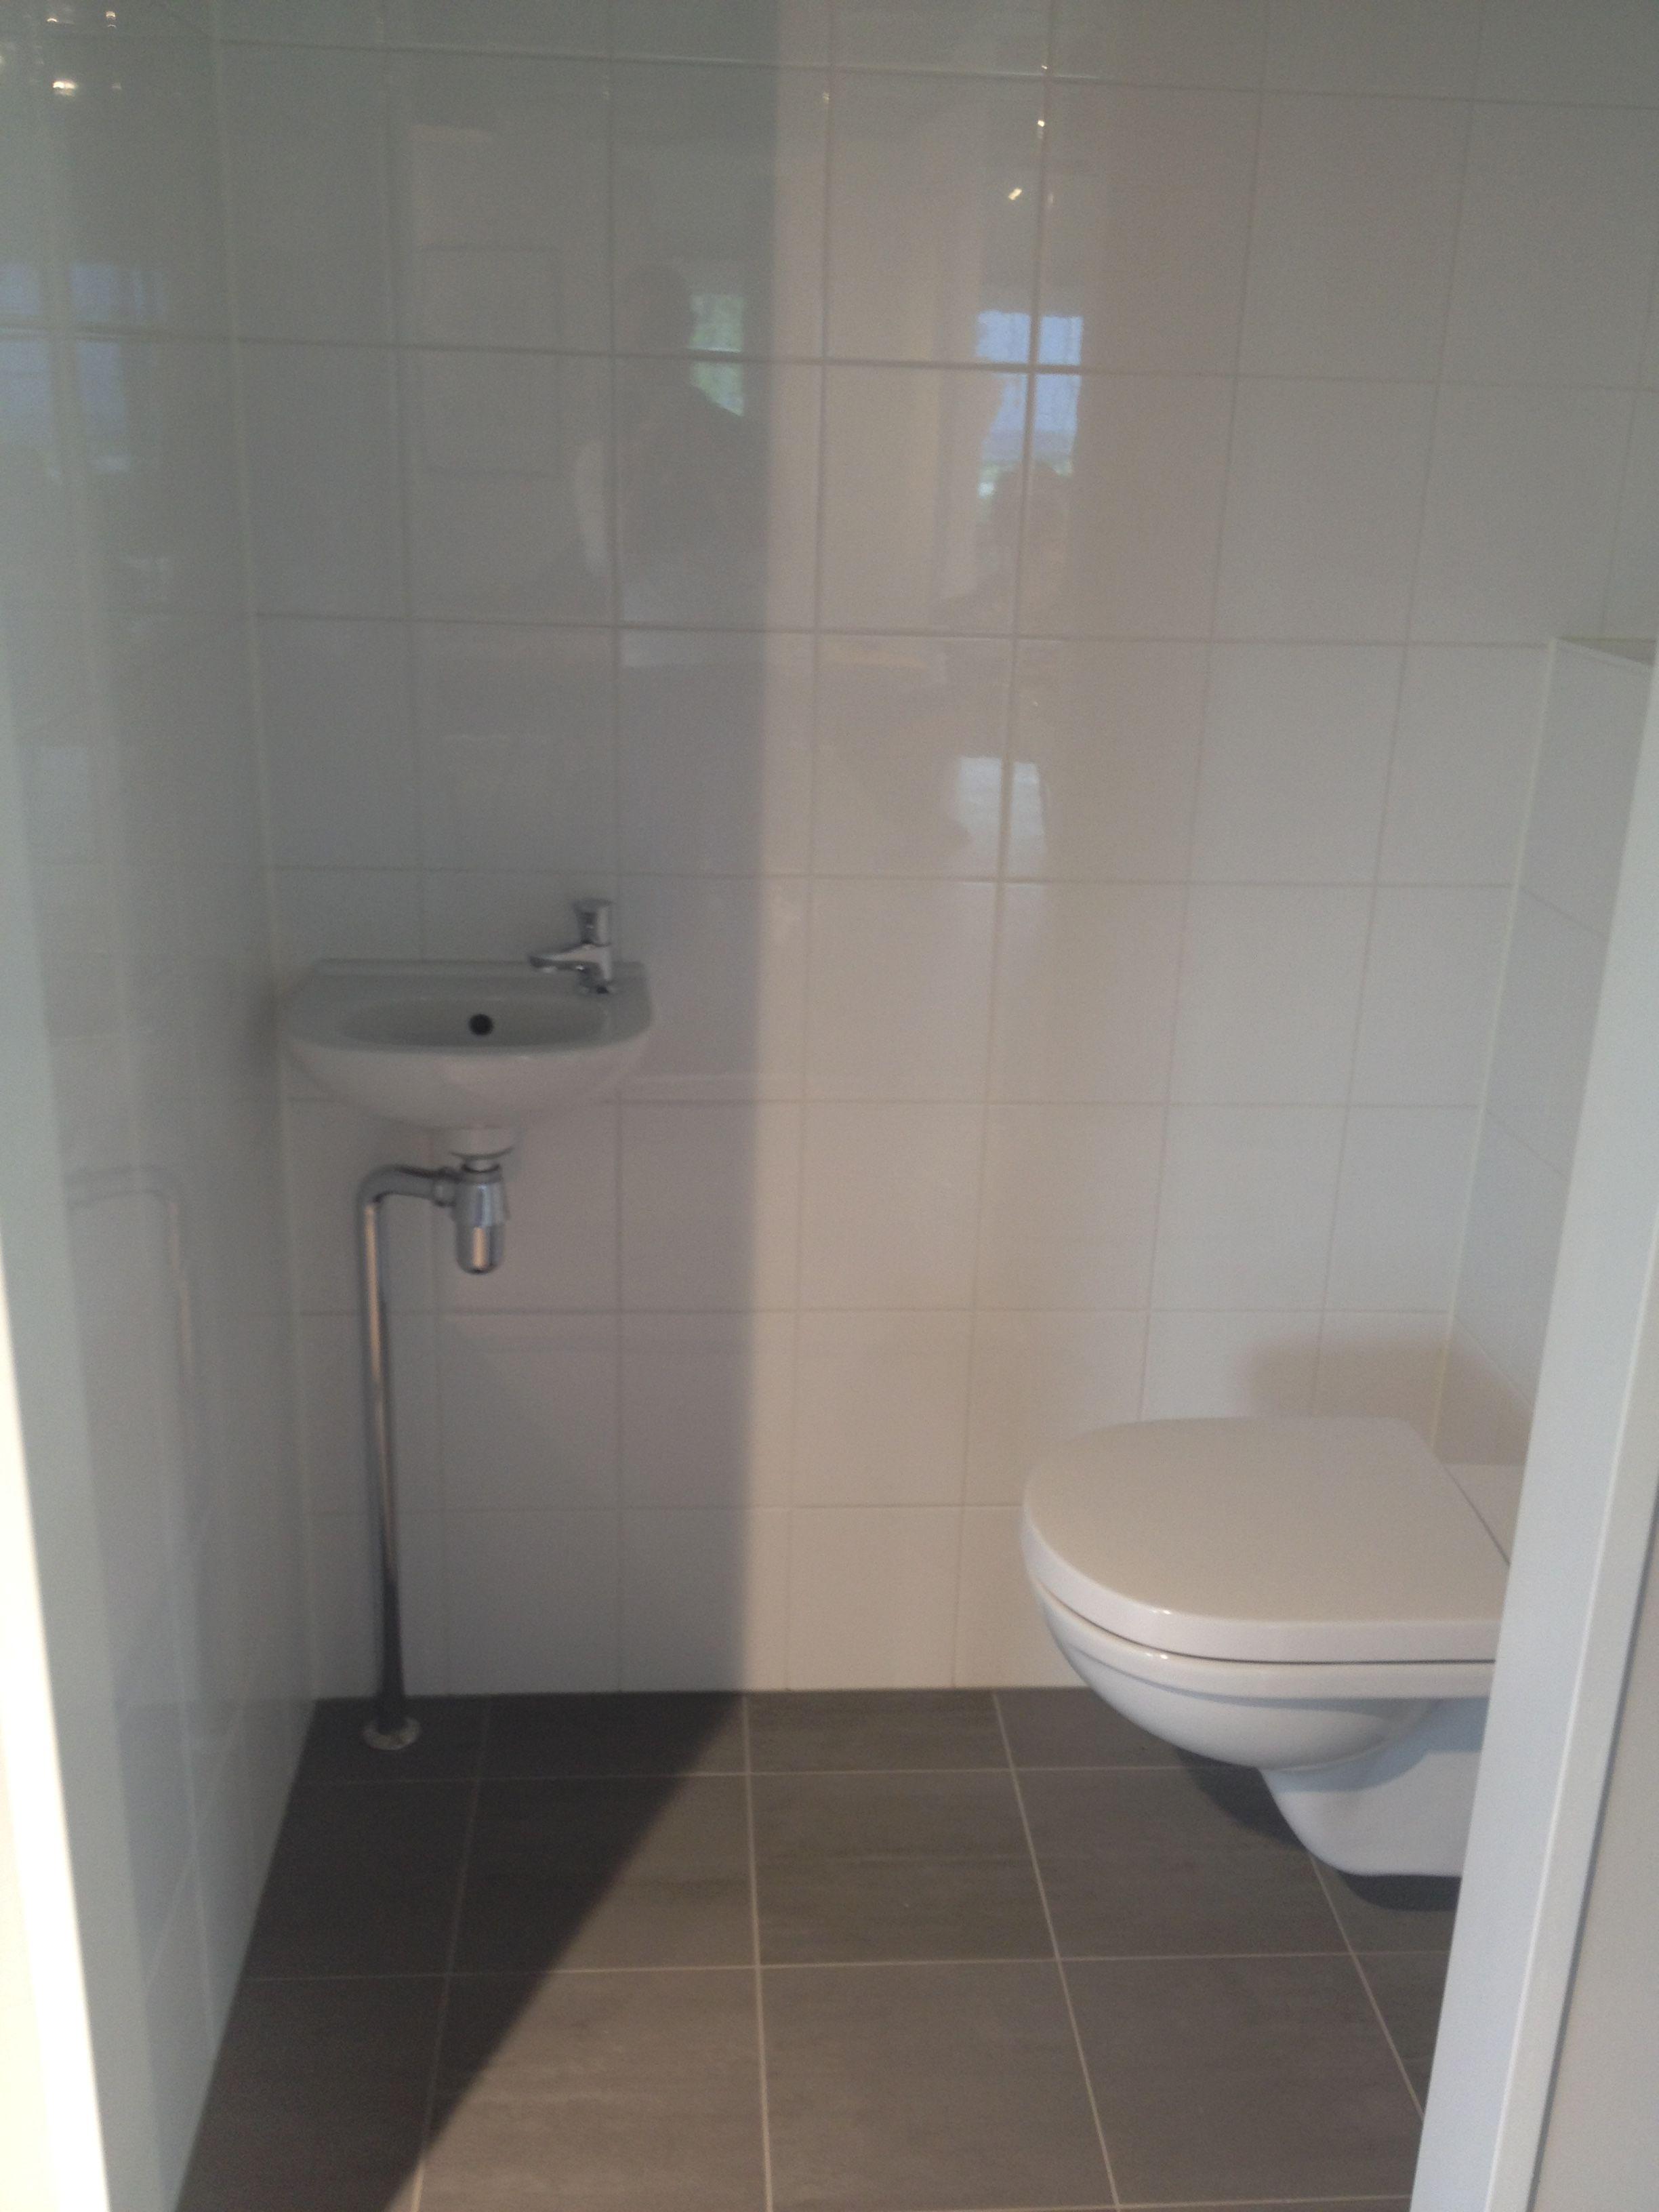 Badkamer En Toilet Muurtegel Deze Zijn Verticaal, Maar Worden Horizontaal